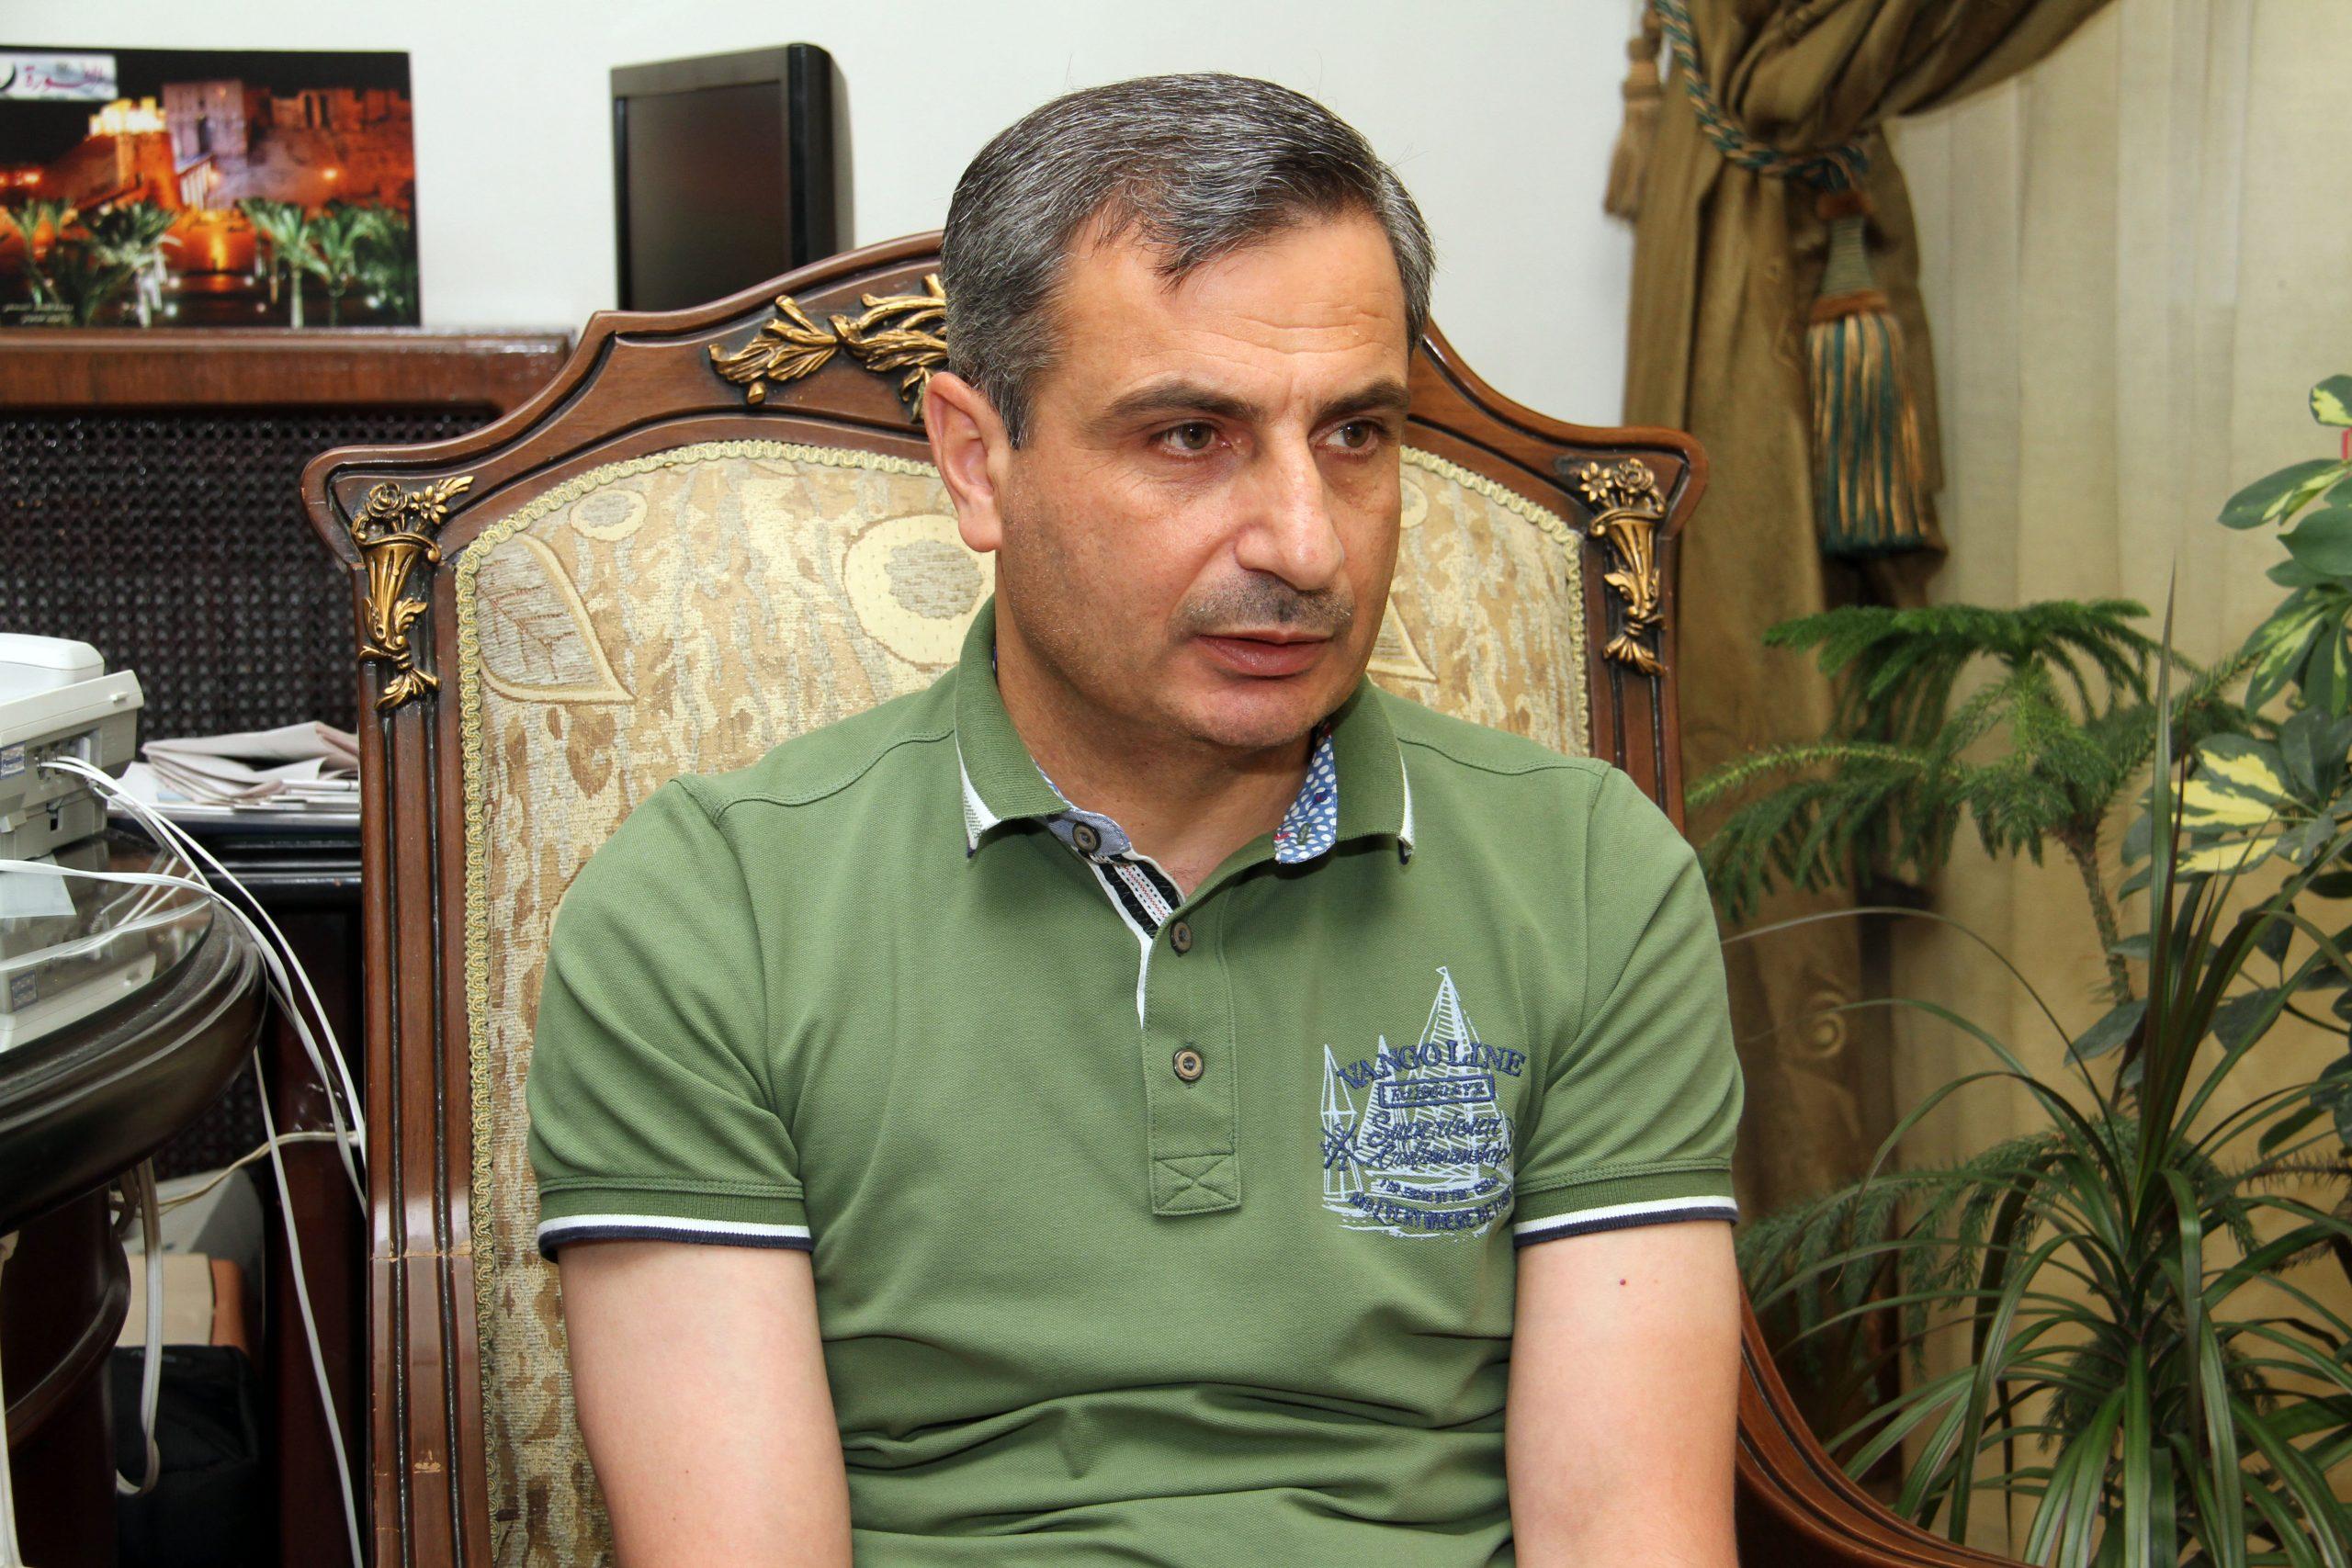 """زياد غصن لـ""""شجون عربية"""": الصحافة الورقية لن تموت والانبهار بالإعلام الجديد لن يدوم"""